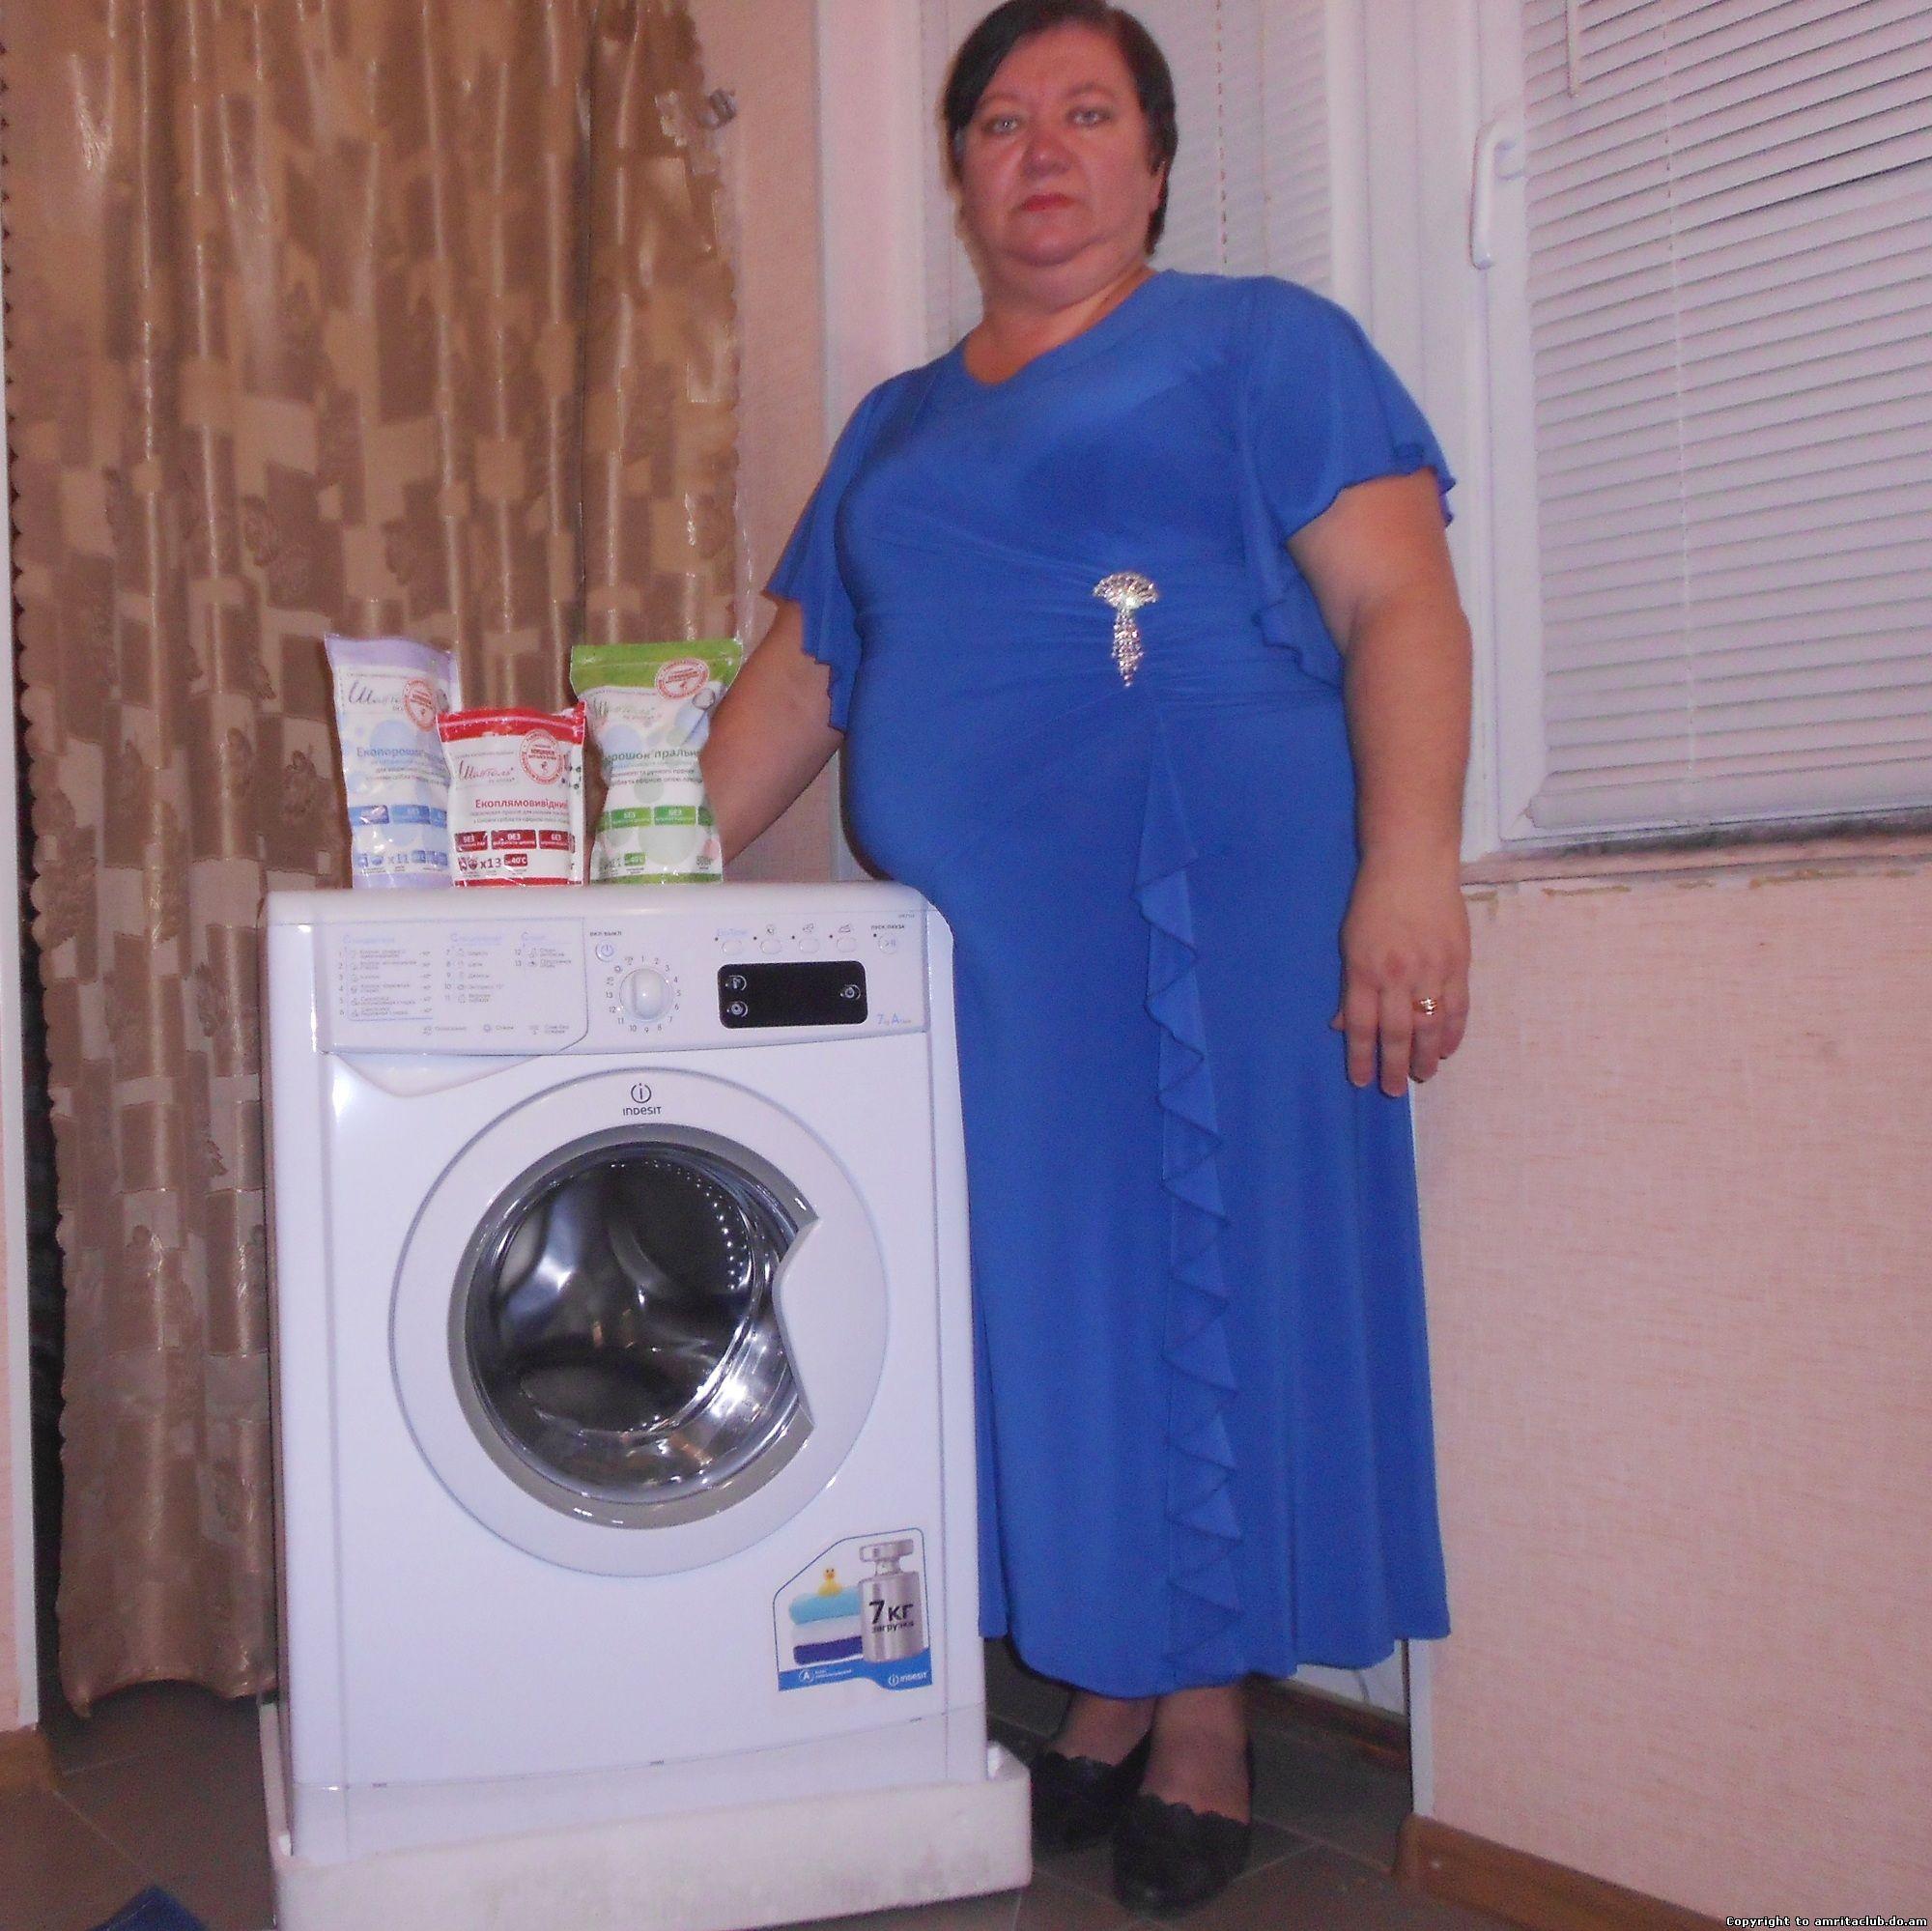 Переможниця розіграшу пральної машини вже отримала свій приз!